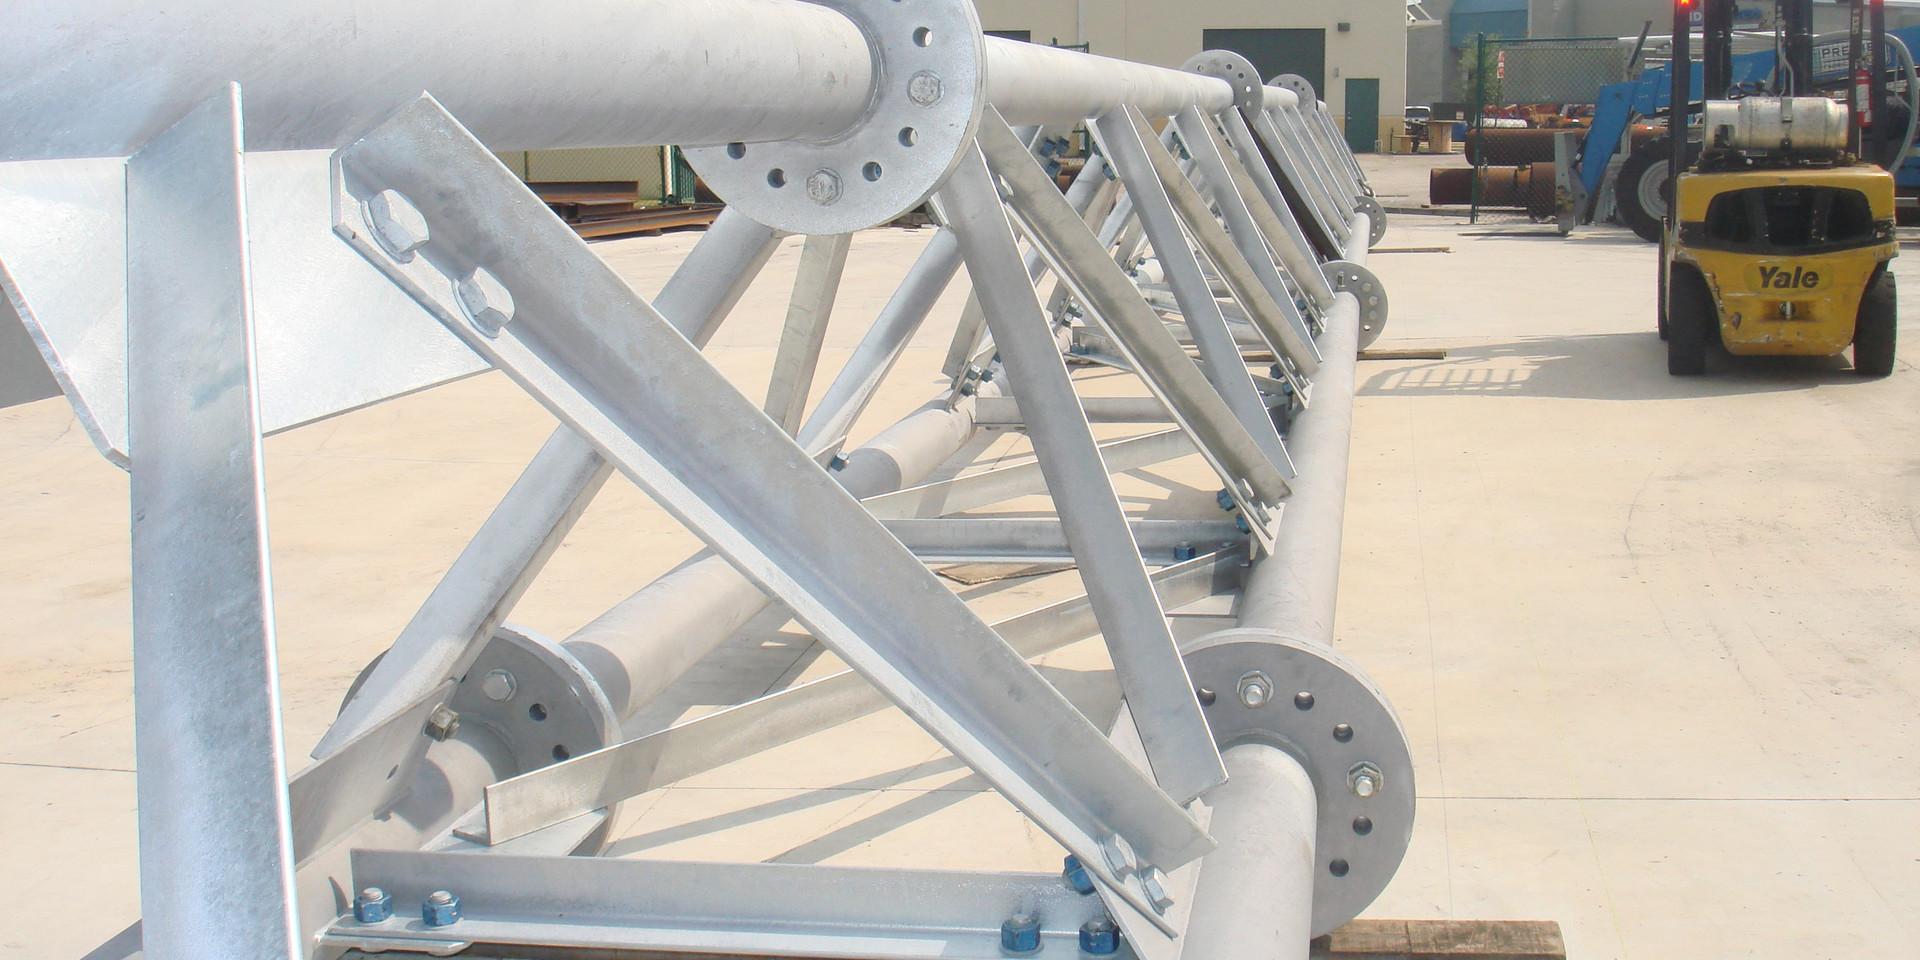 O.H-.-201-truss-assembled.jpg